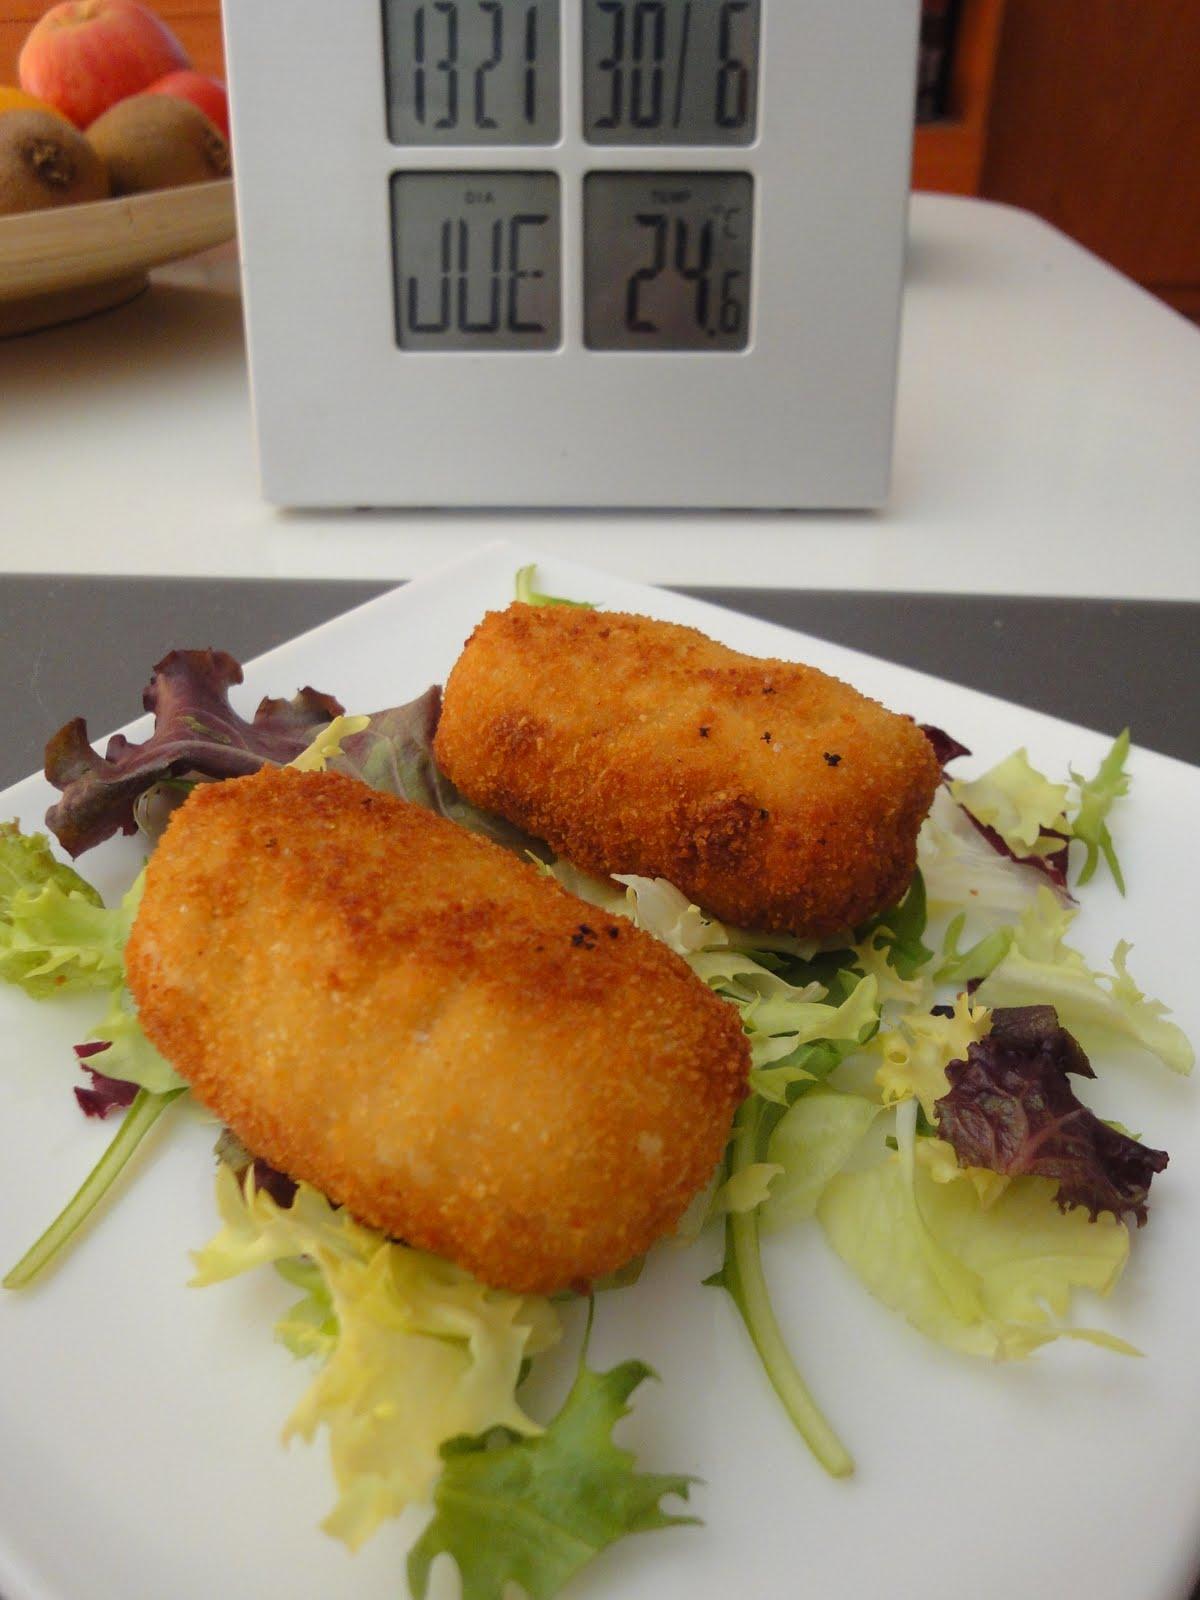 Clases de cocina zaragoza croquetas de pollo y jam n - Cursos de cocina zaragoza ...